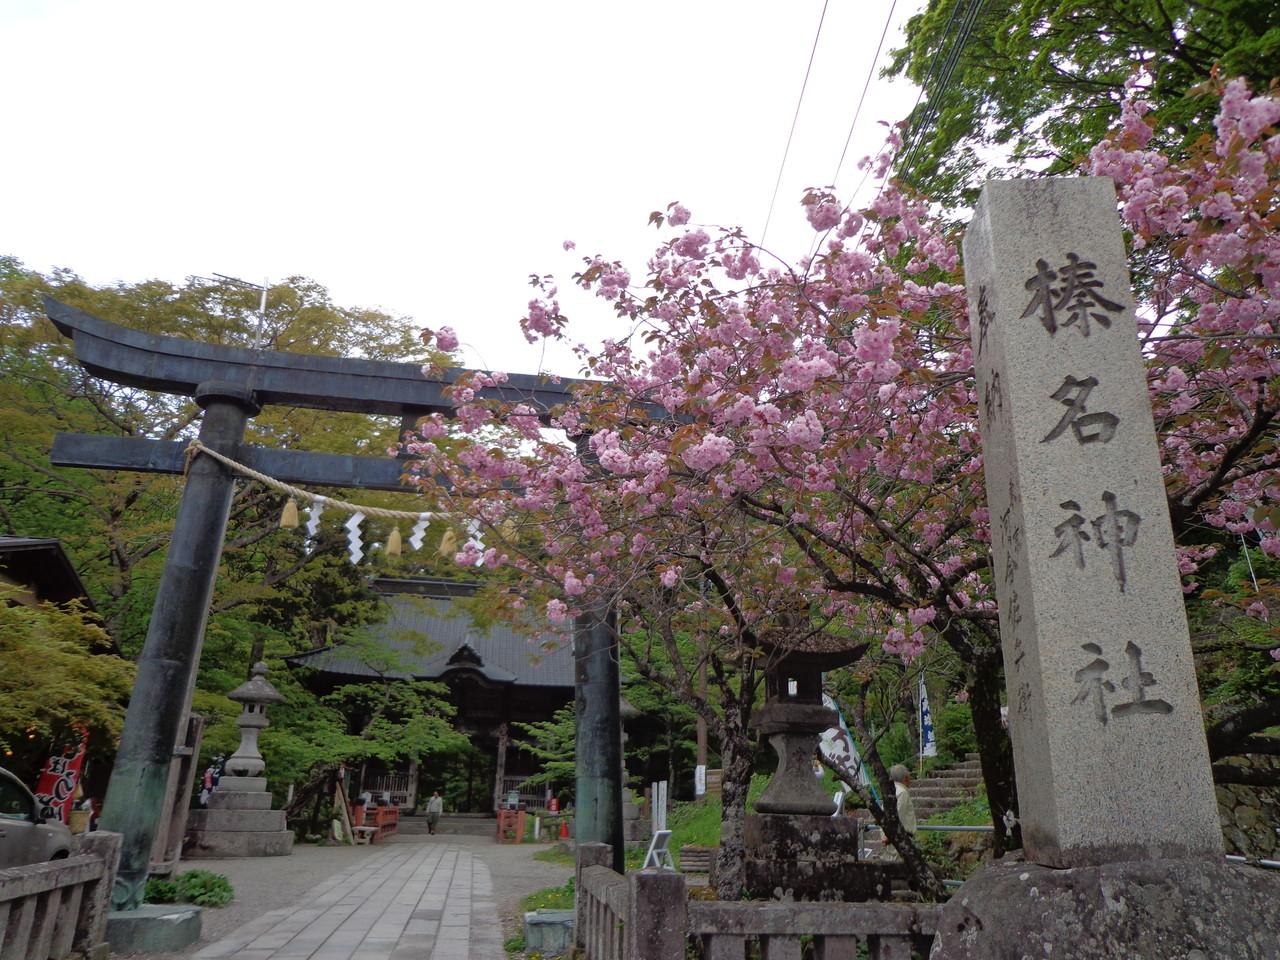 松戸みのり台カイロプラクティック,整体院ブログ(榛名神社)